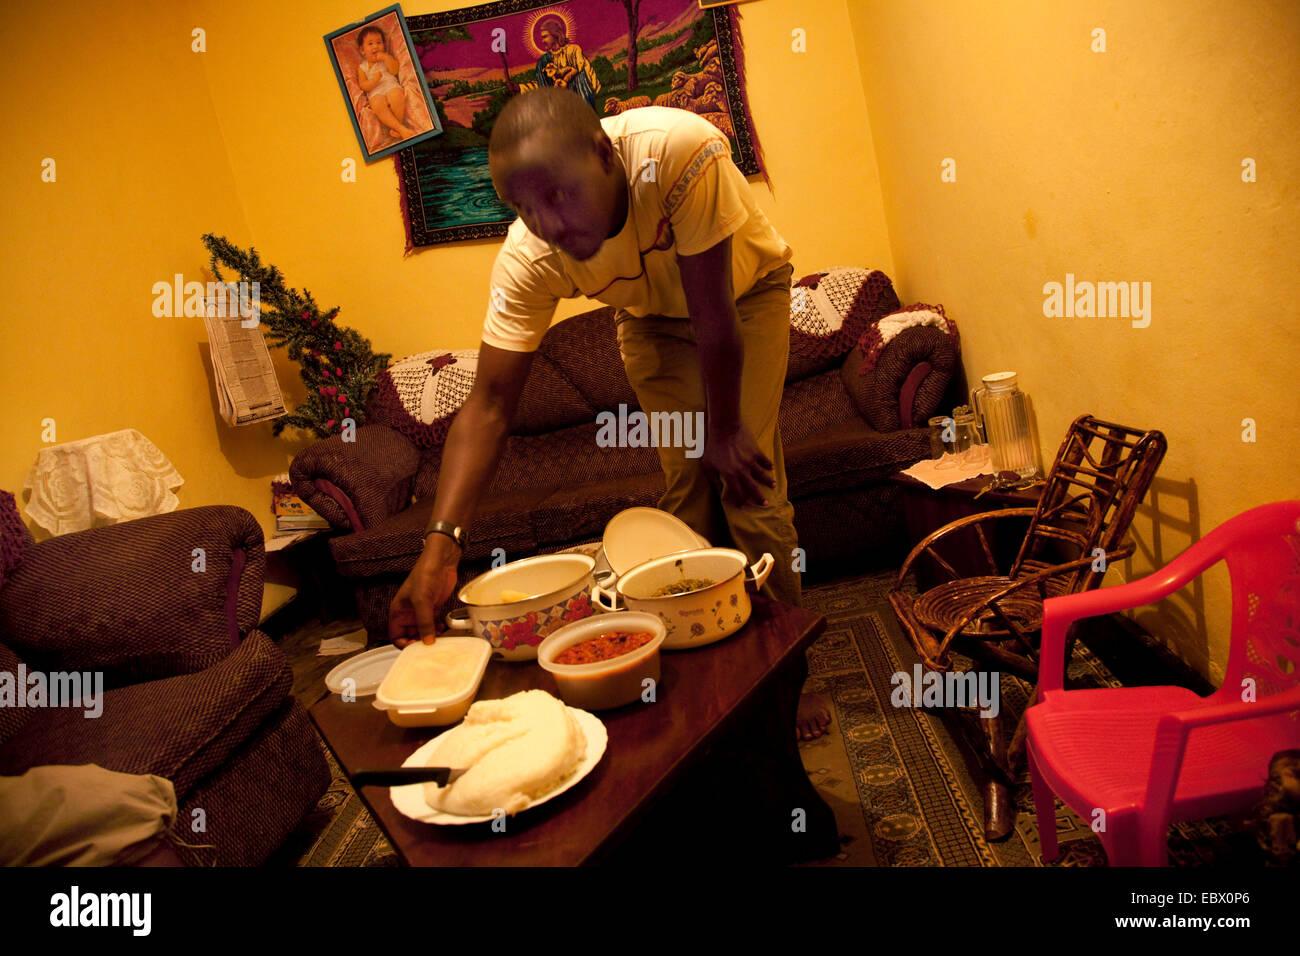 Uomo di mettere il cibo sulla tavola in una famiglia cristiana, Christian brodery sulla parete in background, Ruanda, Immagini Stock